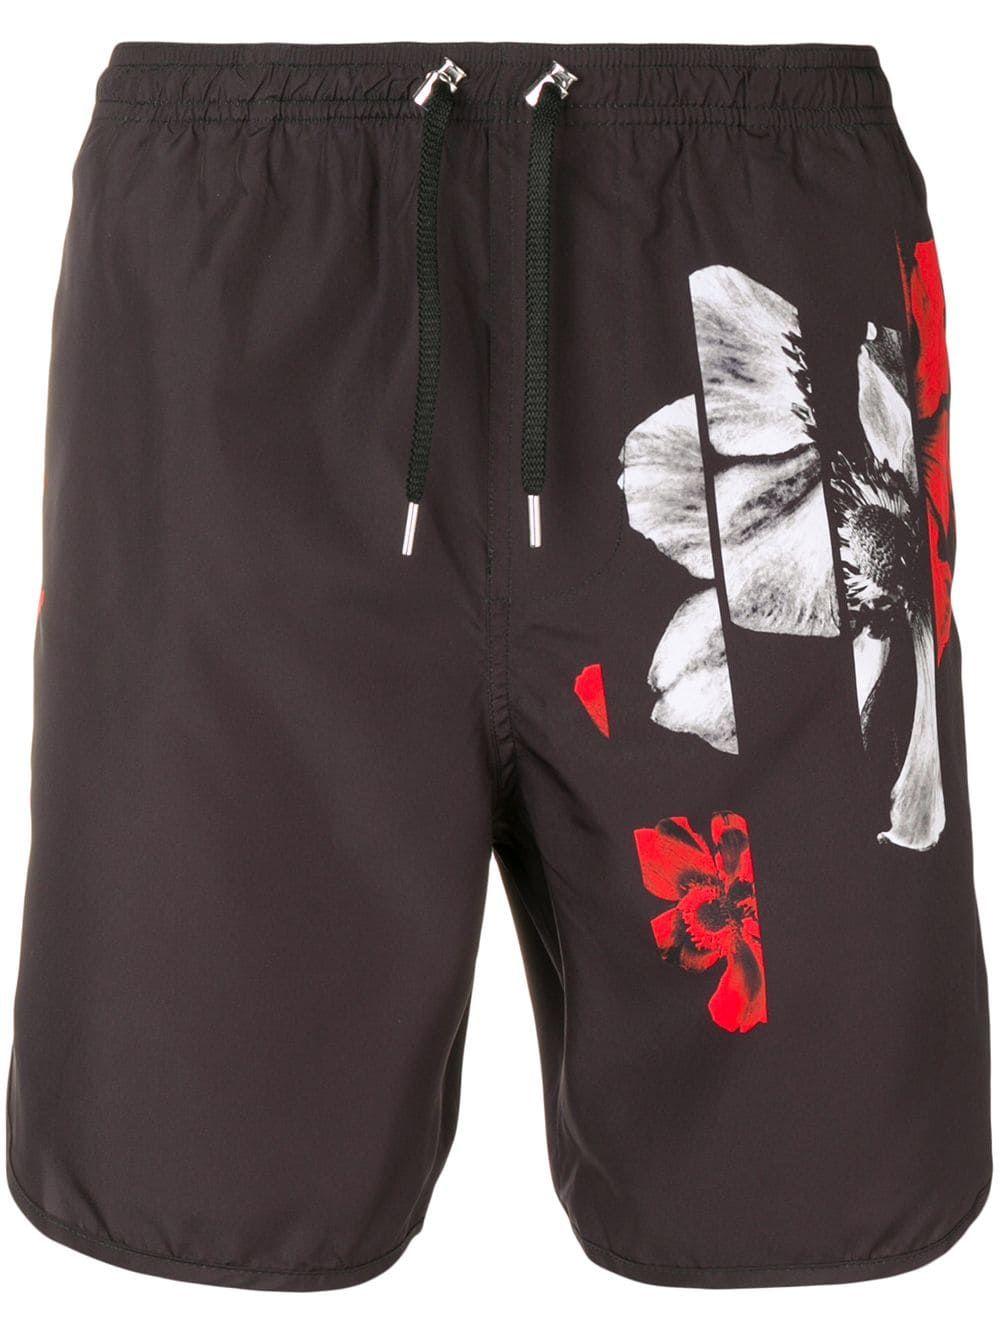 b7e02062d4 Neil Barrett printed swim shorts - Black in 2019 | Products | Swim ...